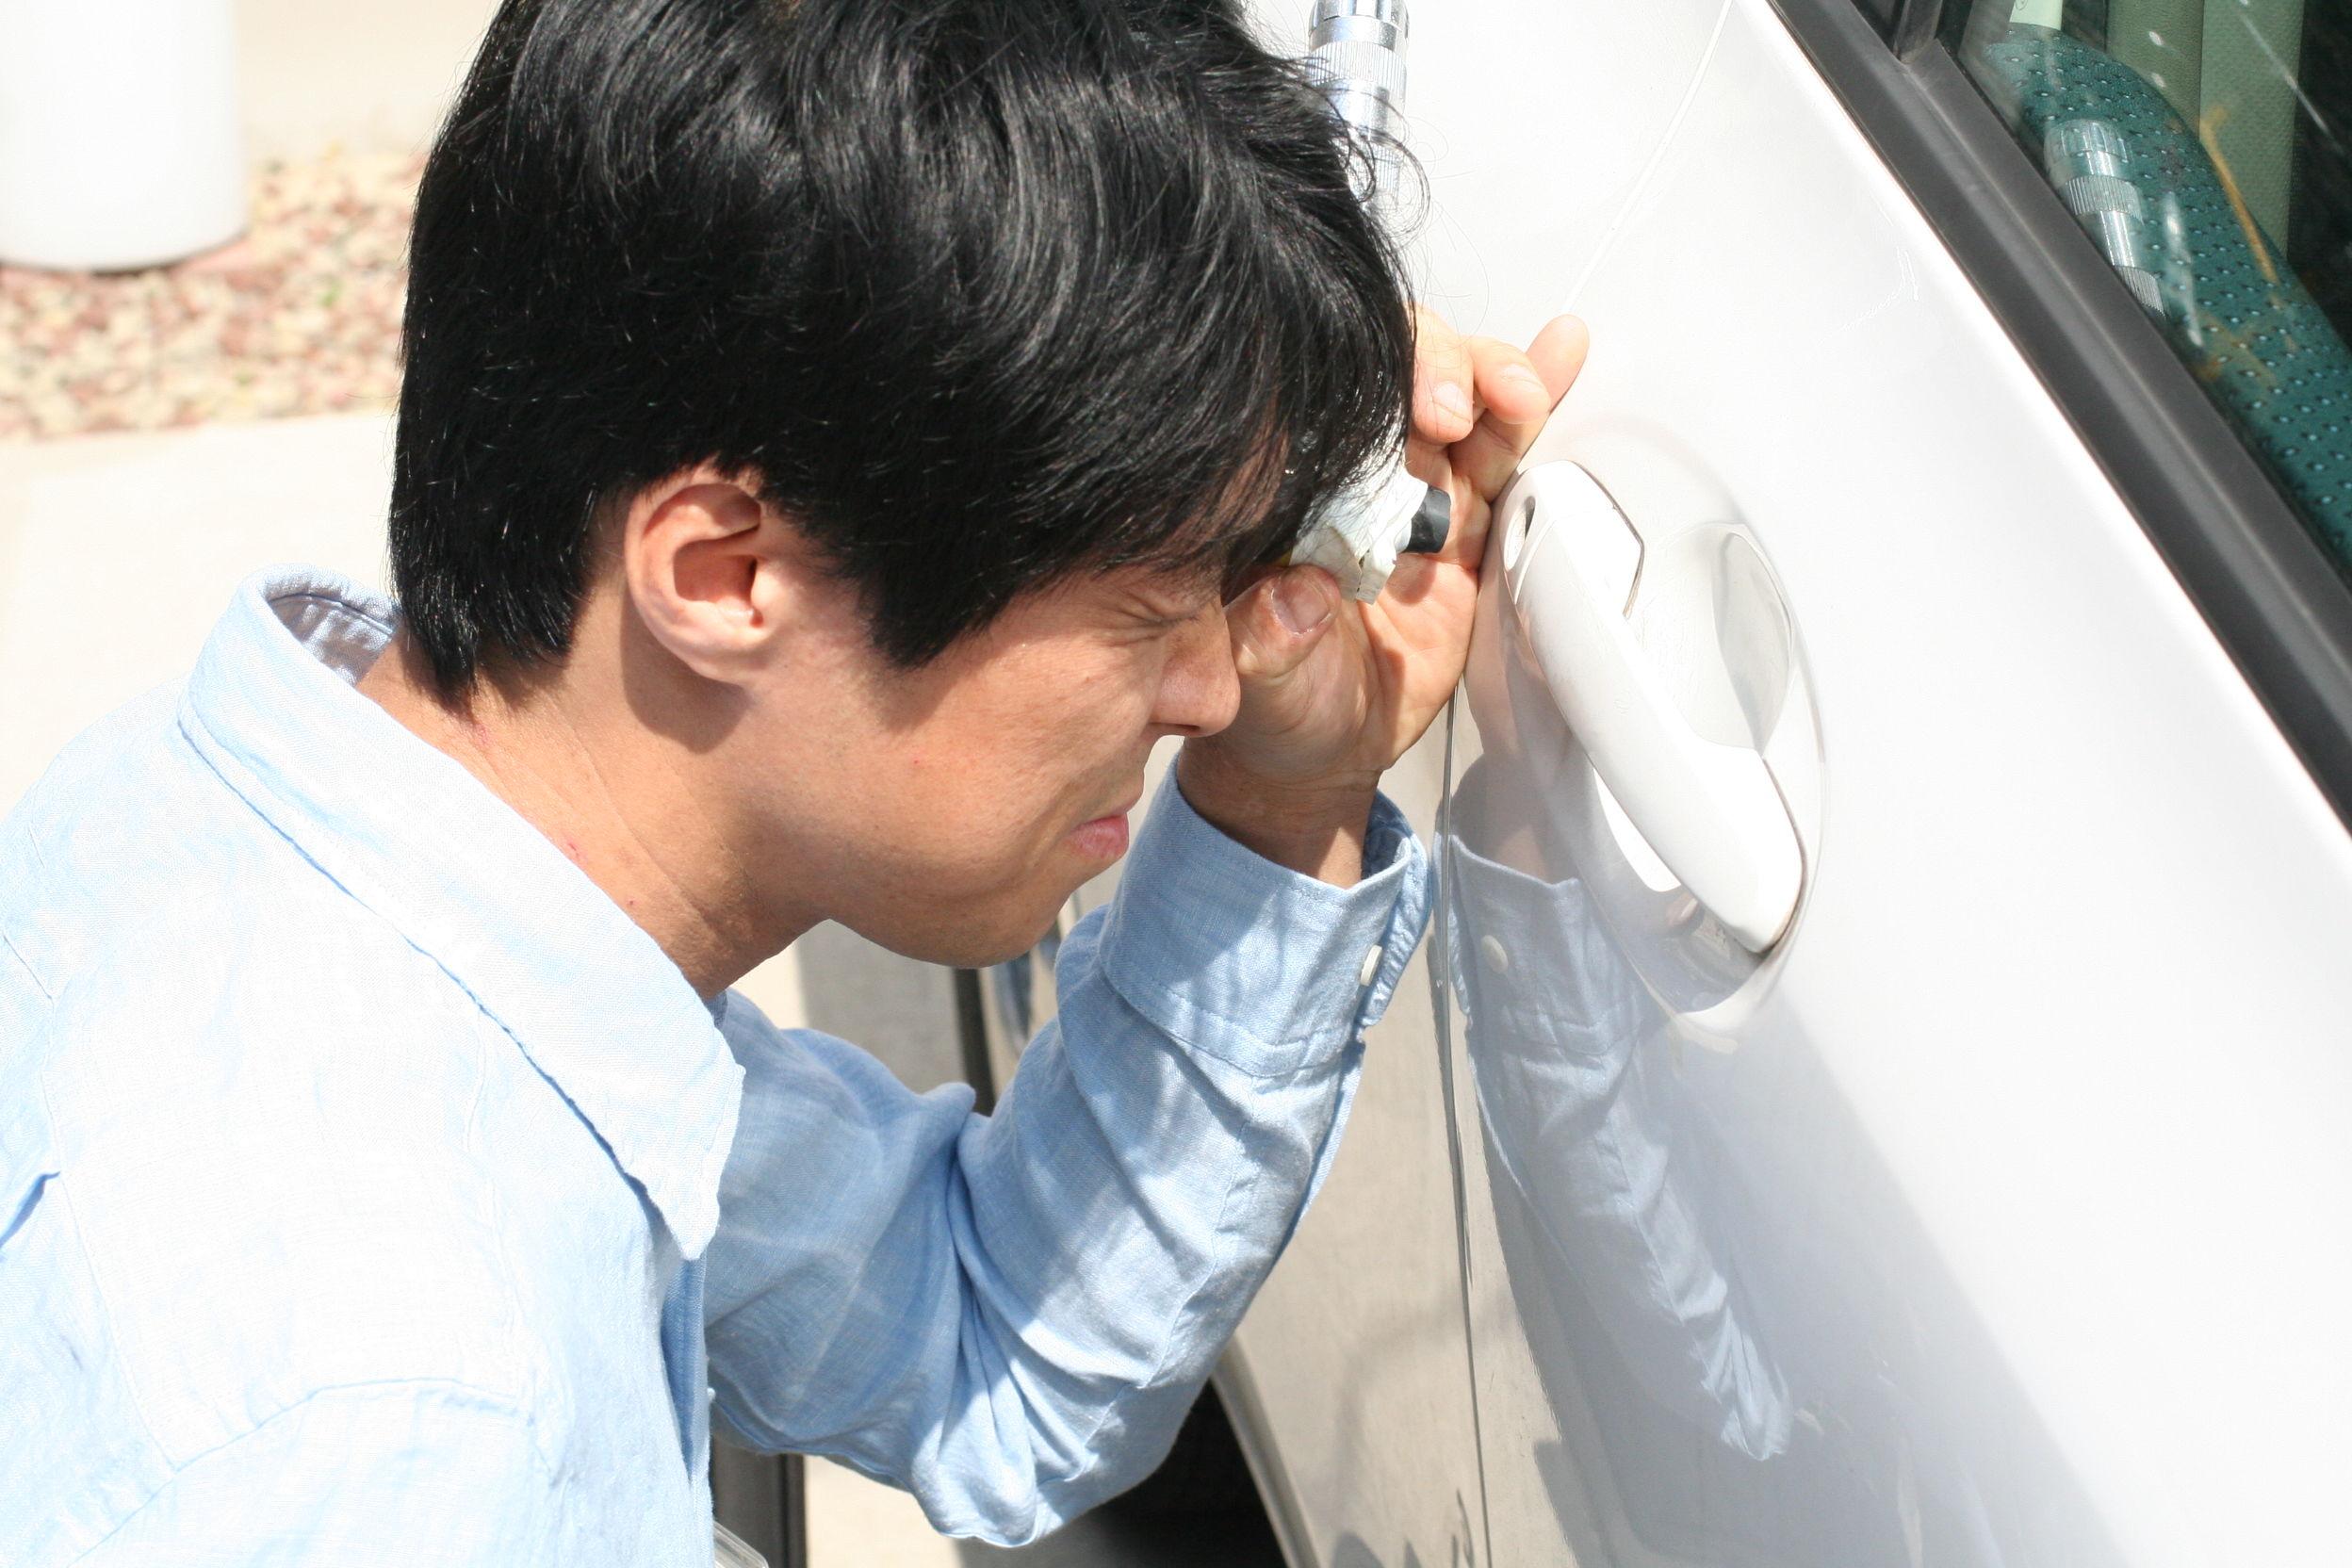 カギのトラブル救Q隊.24【美祢市 出張エリア】のメイン画像